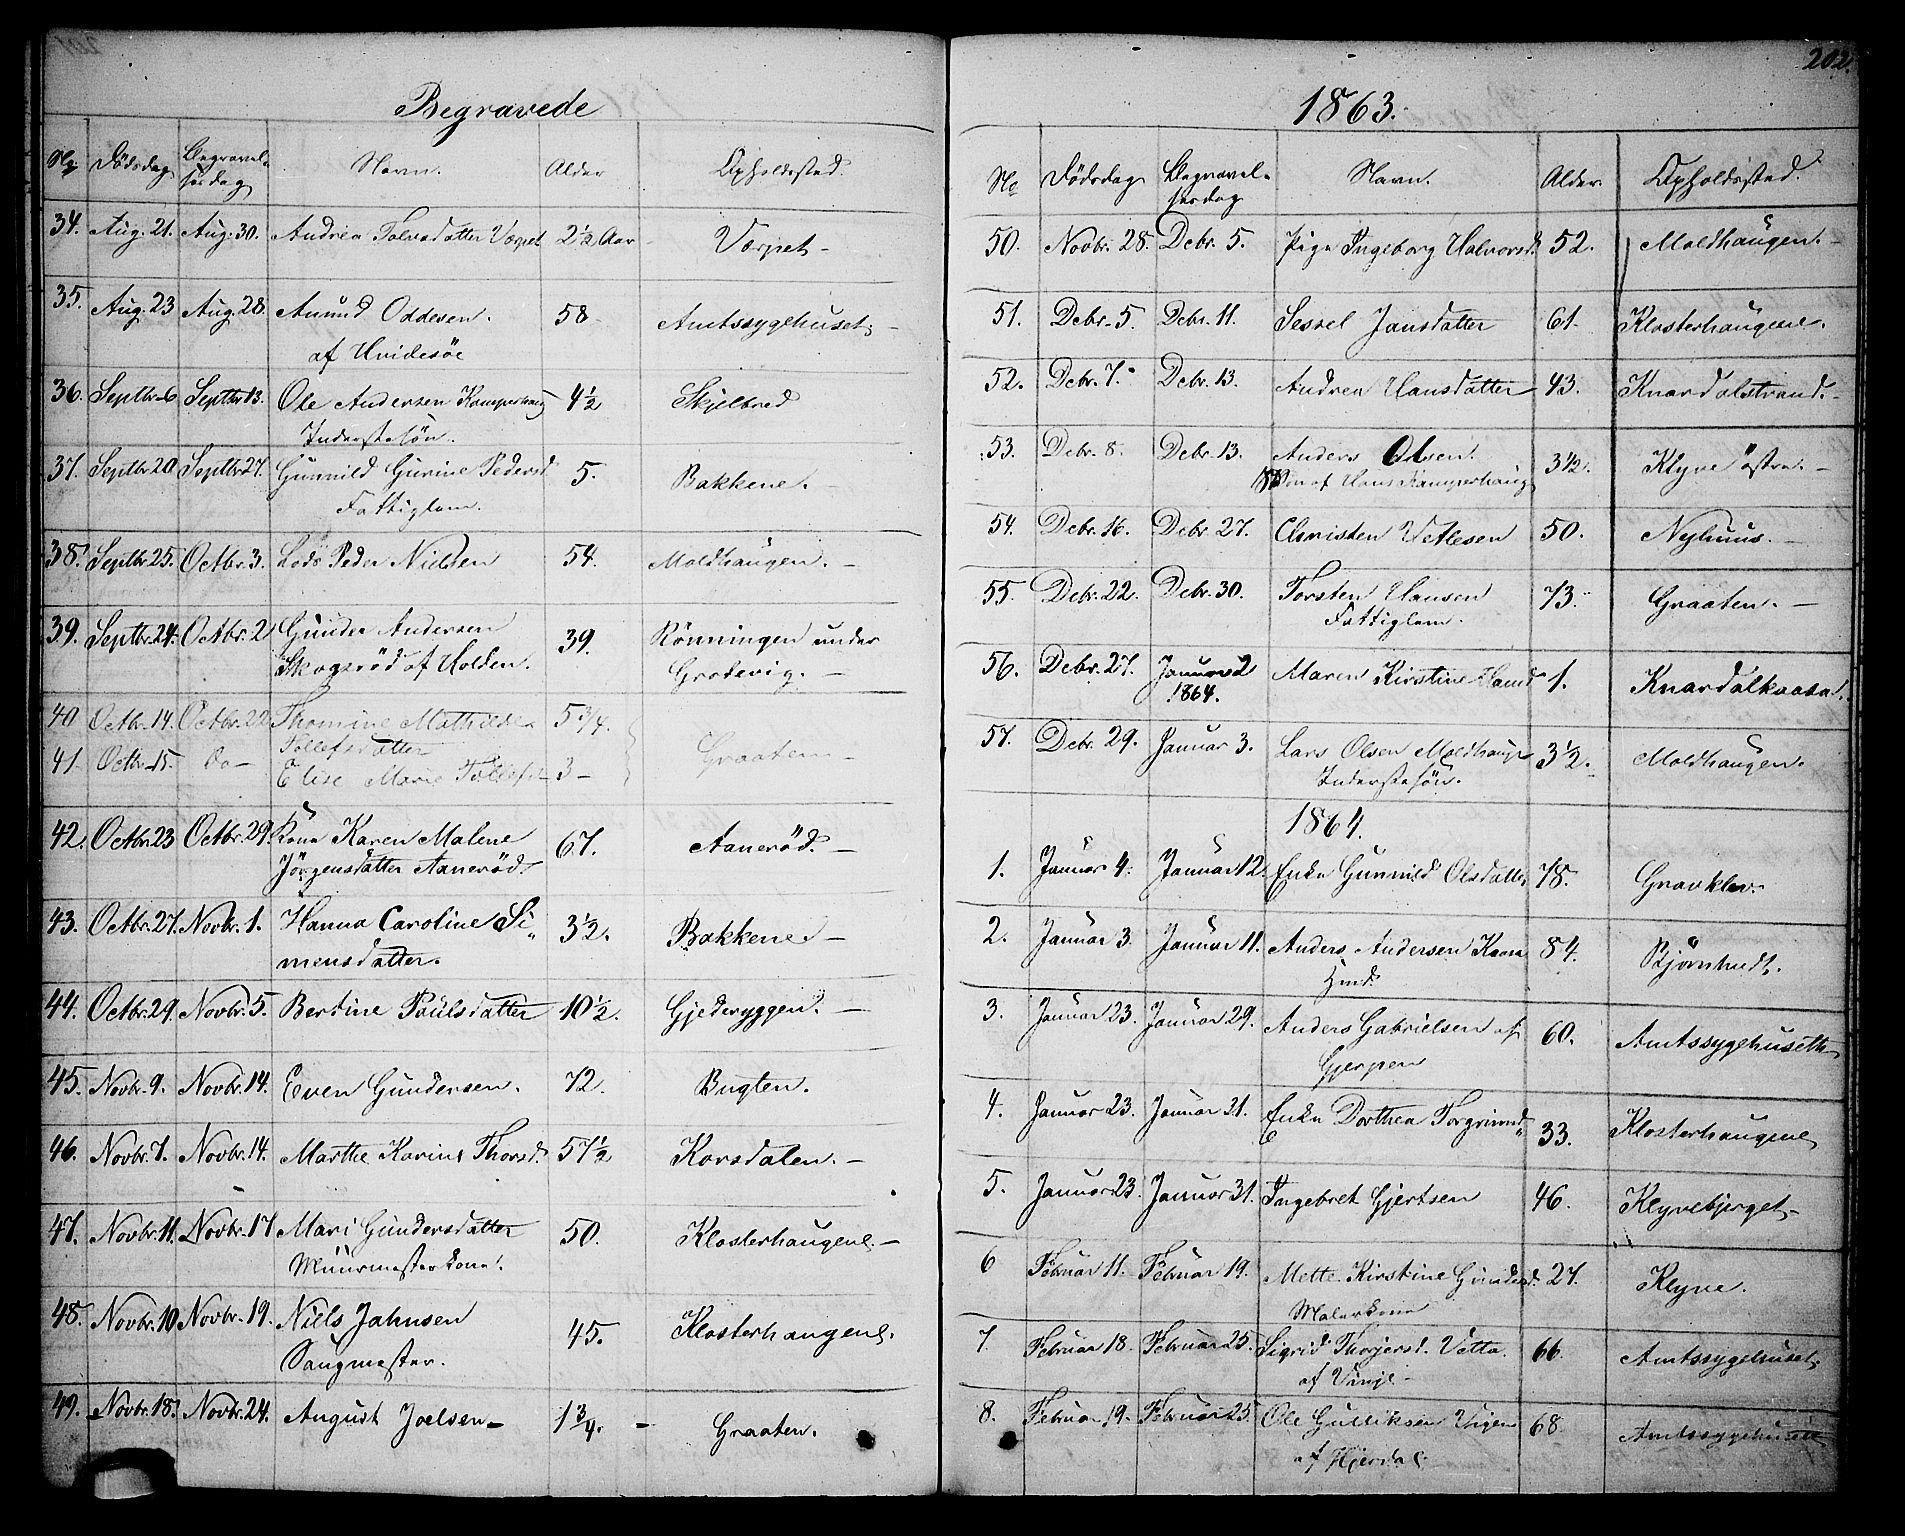 SAKO, Solum kirkebøker, G/Ga/L0004: Klokkerbok nr. I 4, 1859-1876, s. 202